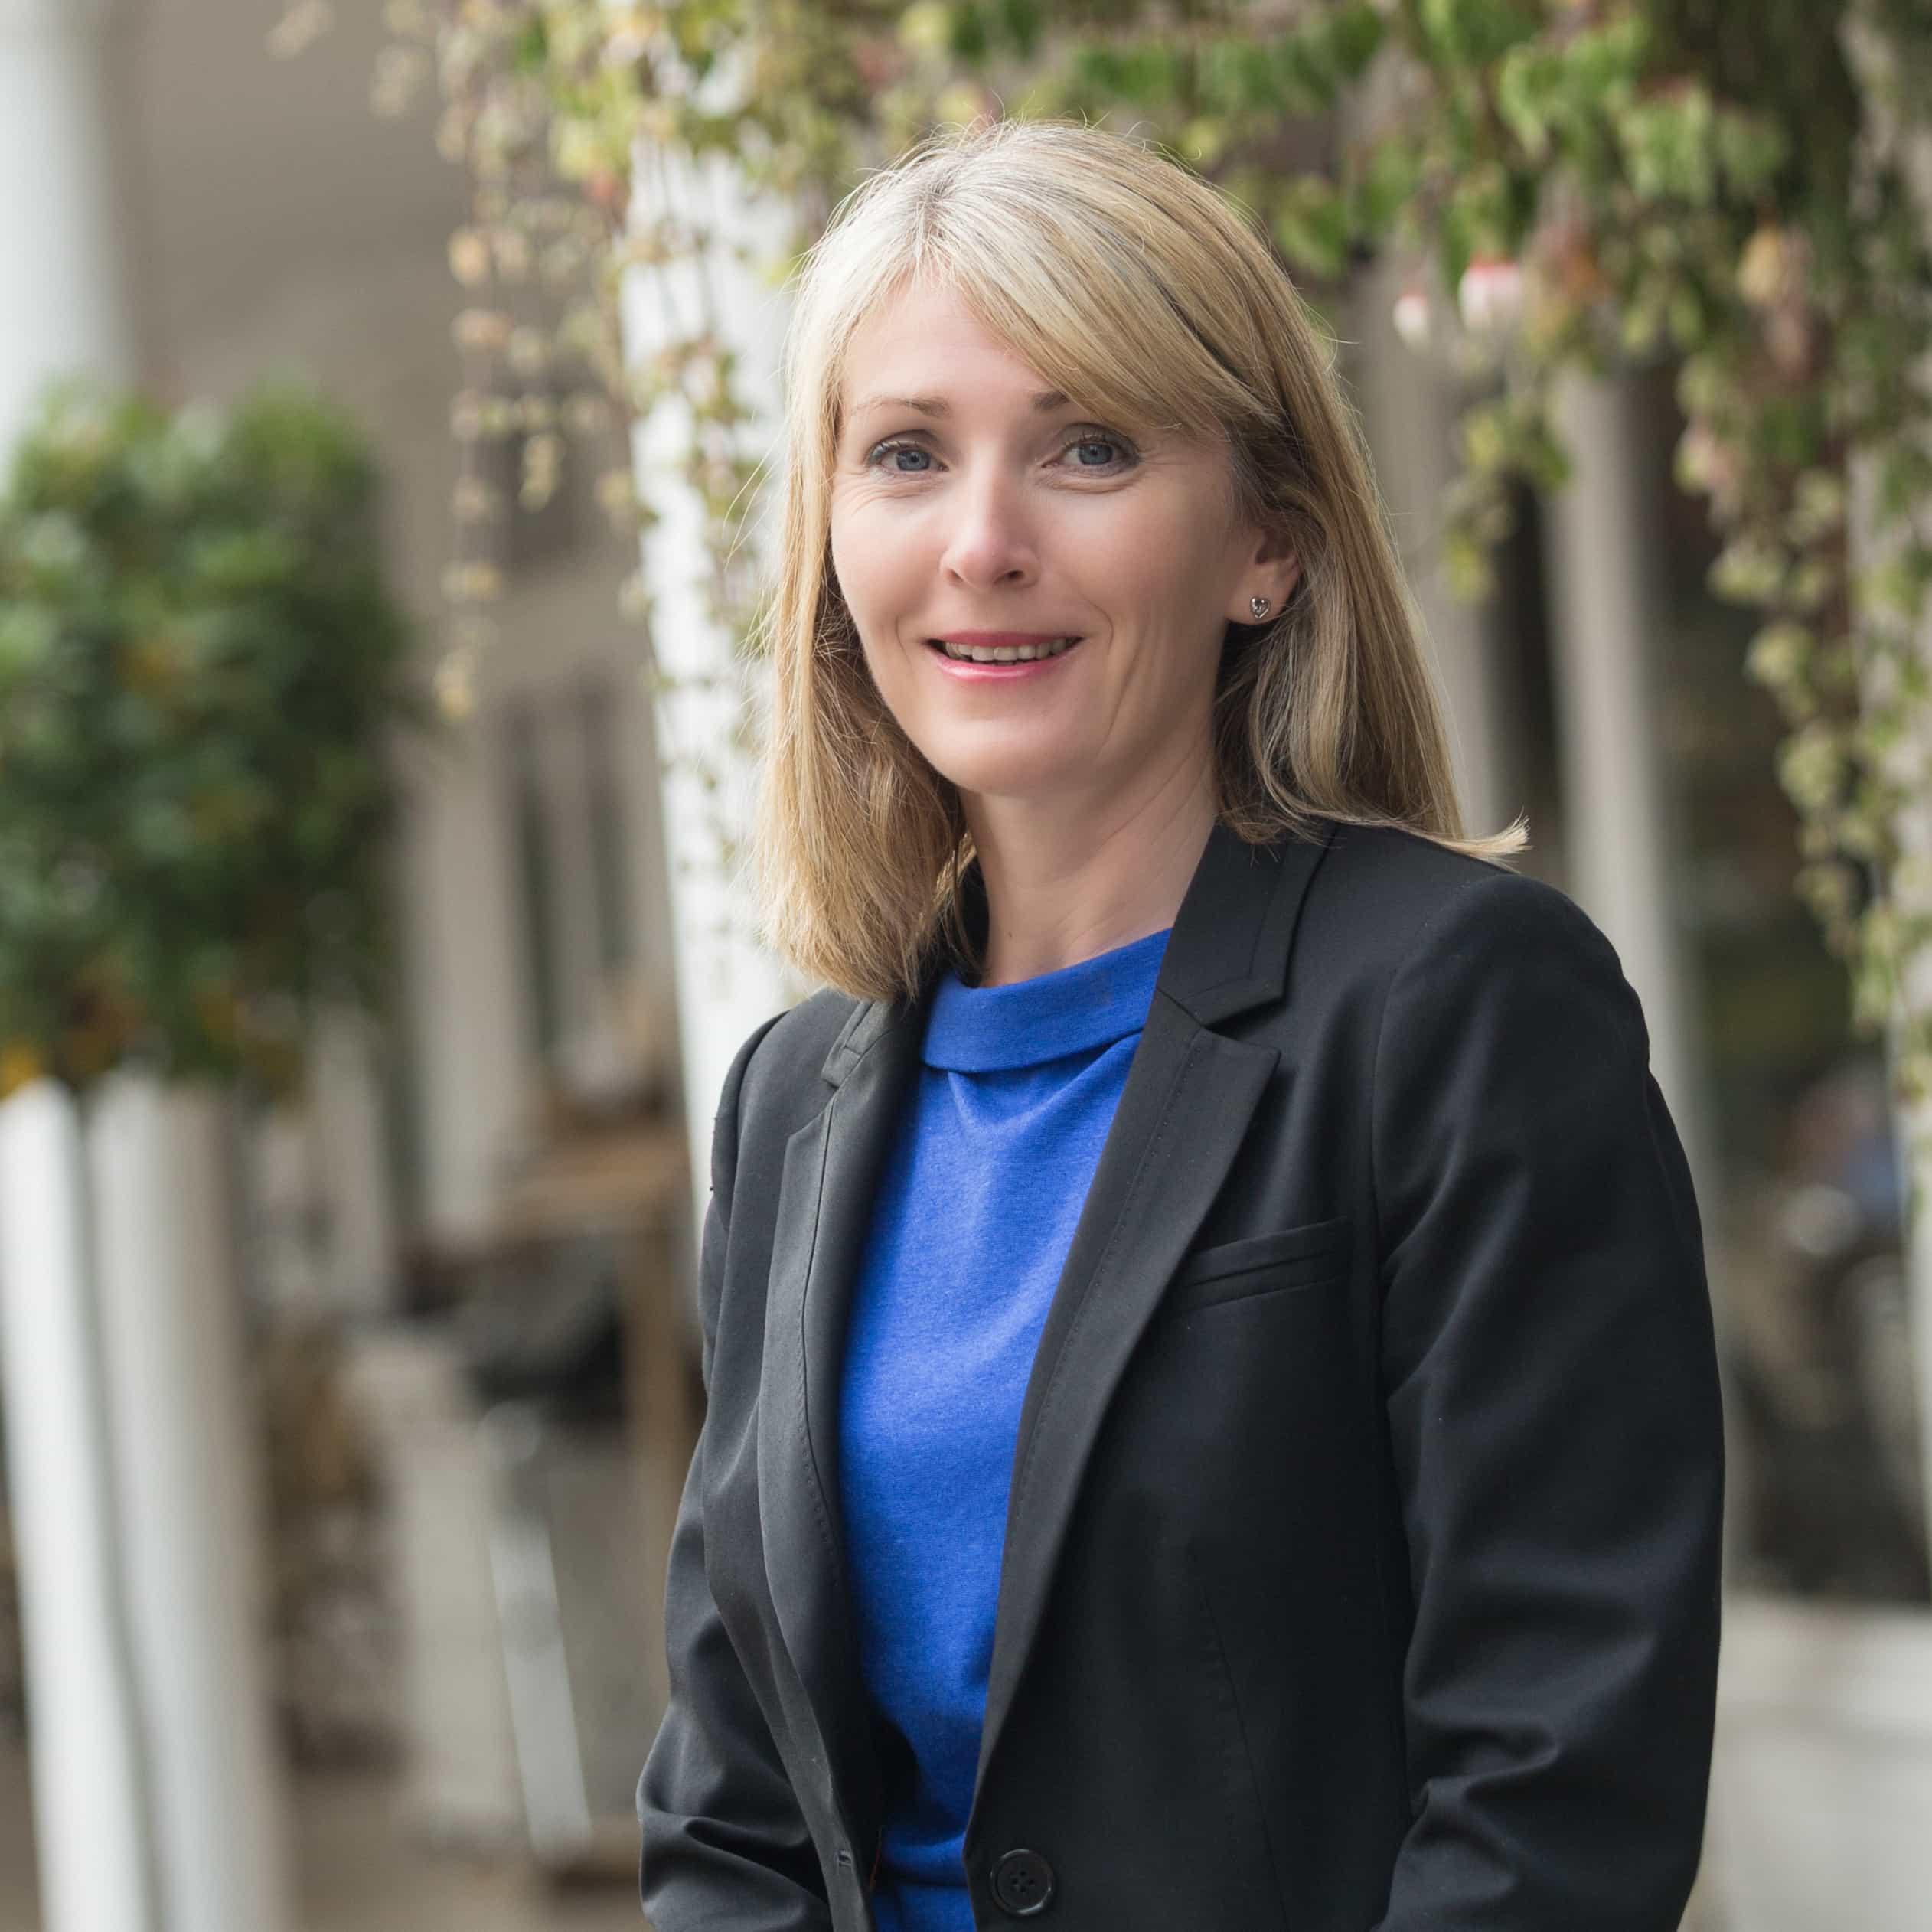 Julie Nicholds